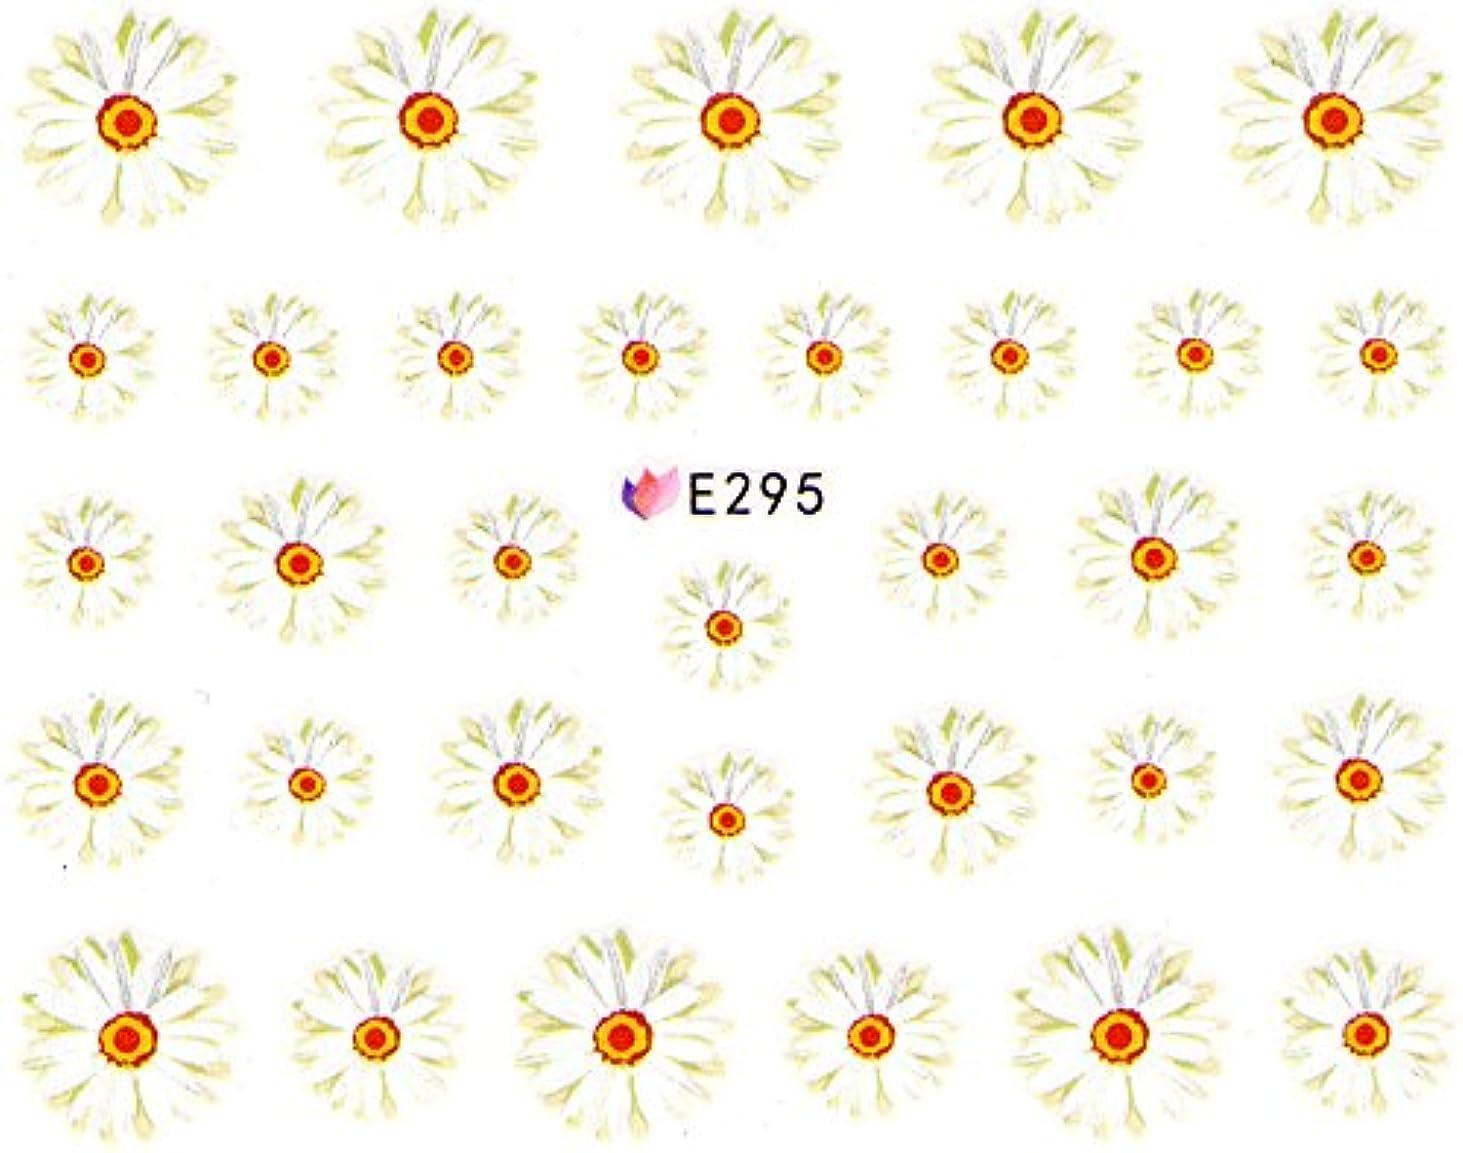 打撃糸ビザネイルシール 花 フラワー 選べる10種類 (01-T19)